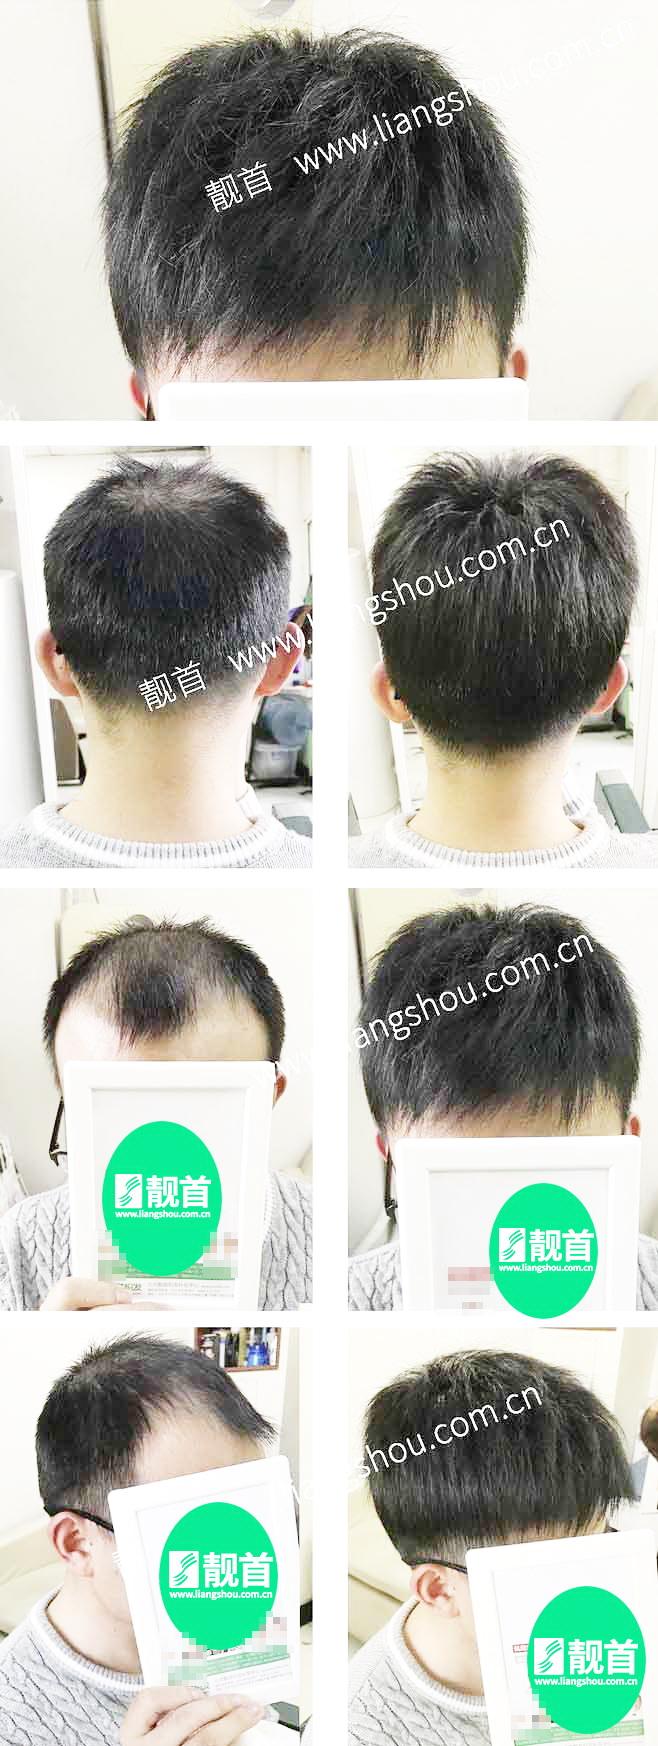 自由式-青年-局部-发块男士织发-补发-真人发假发-实拍案例